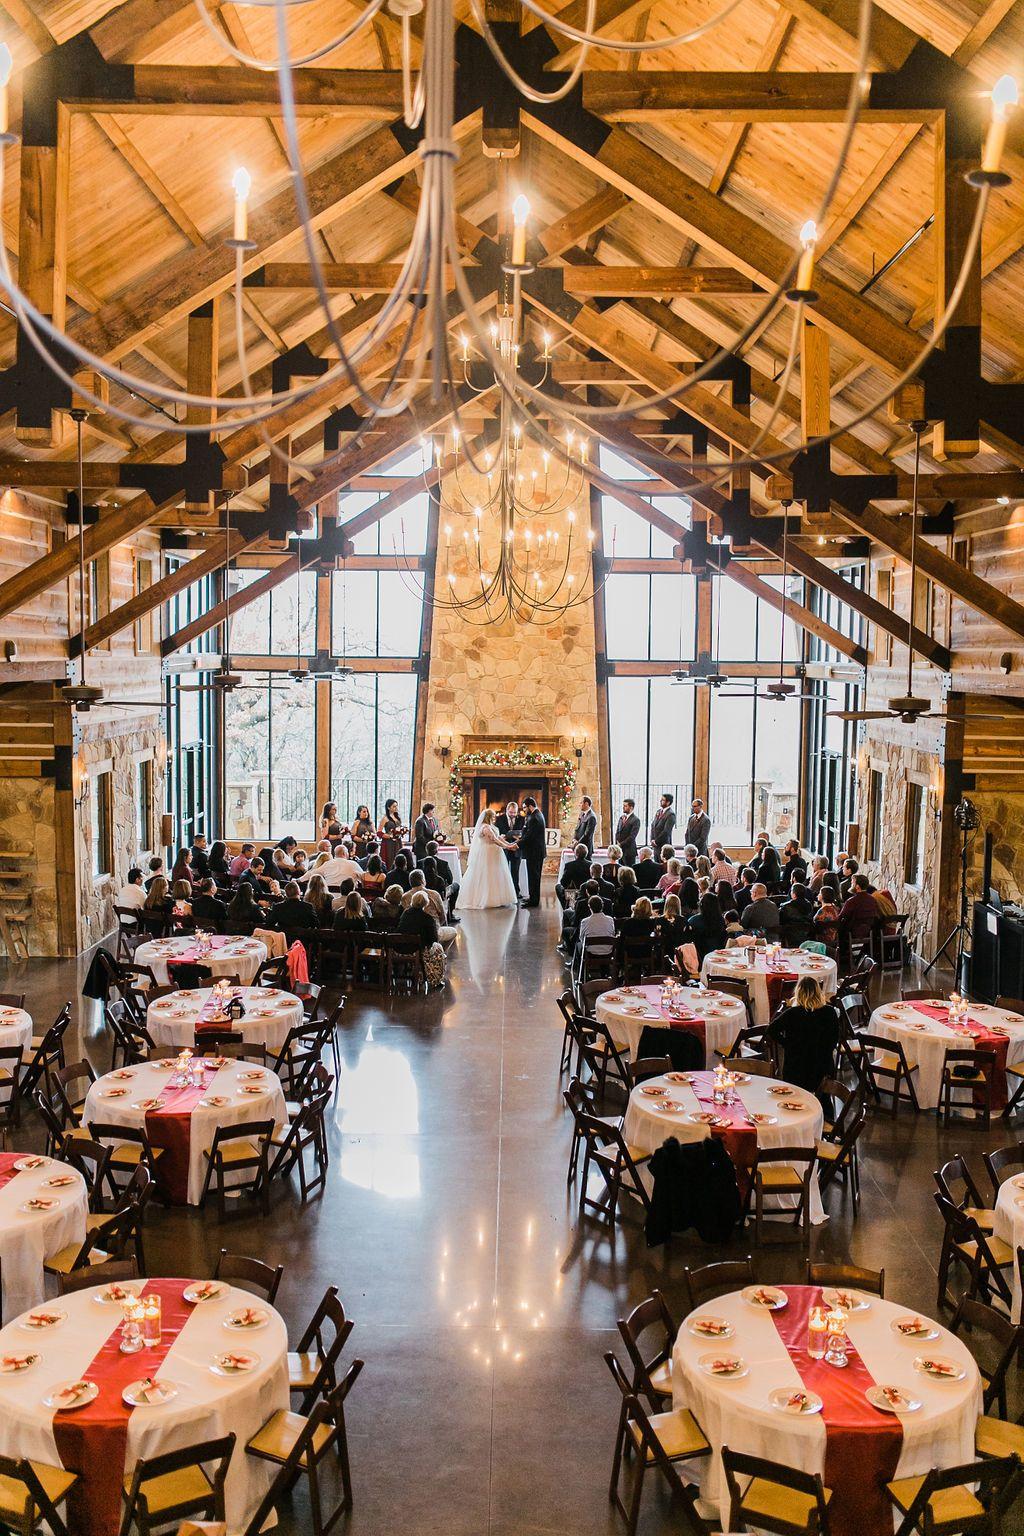 Lodge wedding venue in denton texas dallas wedding